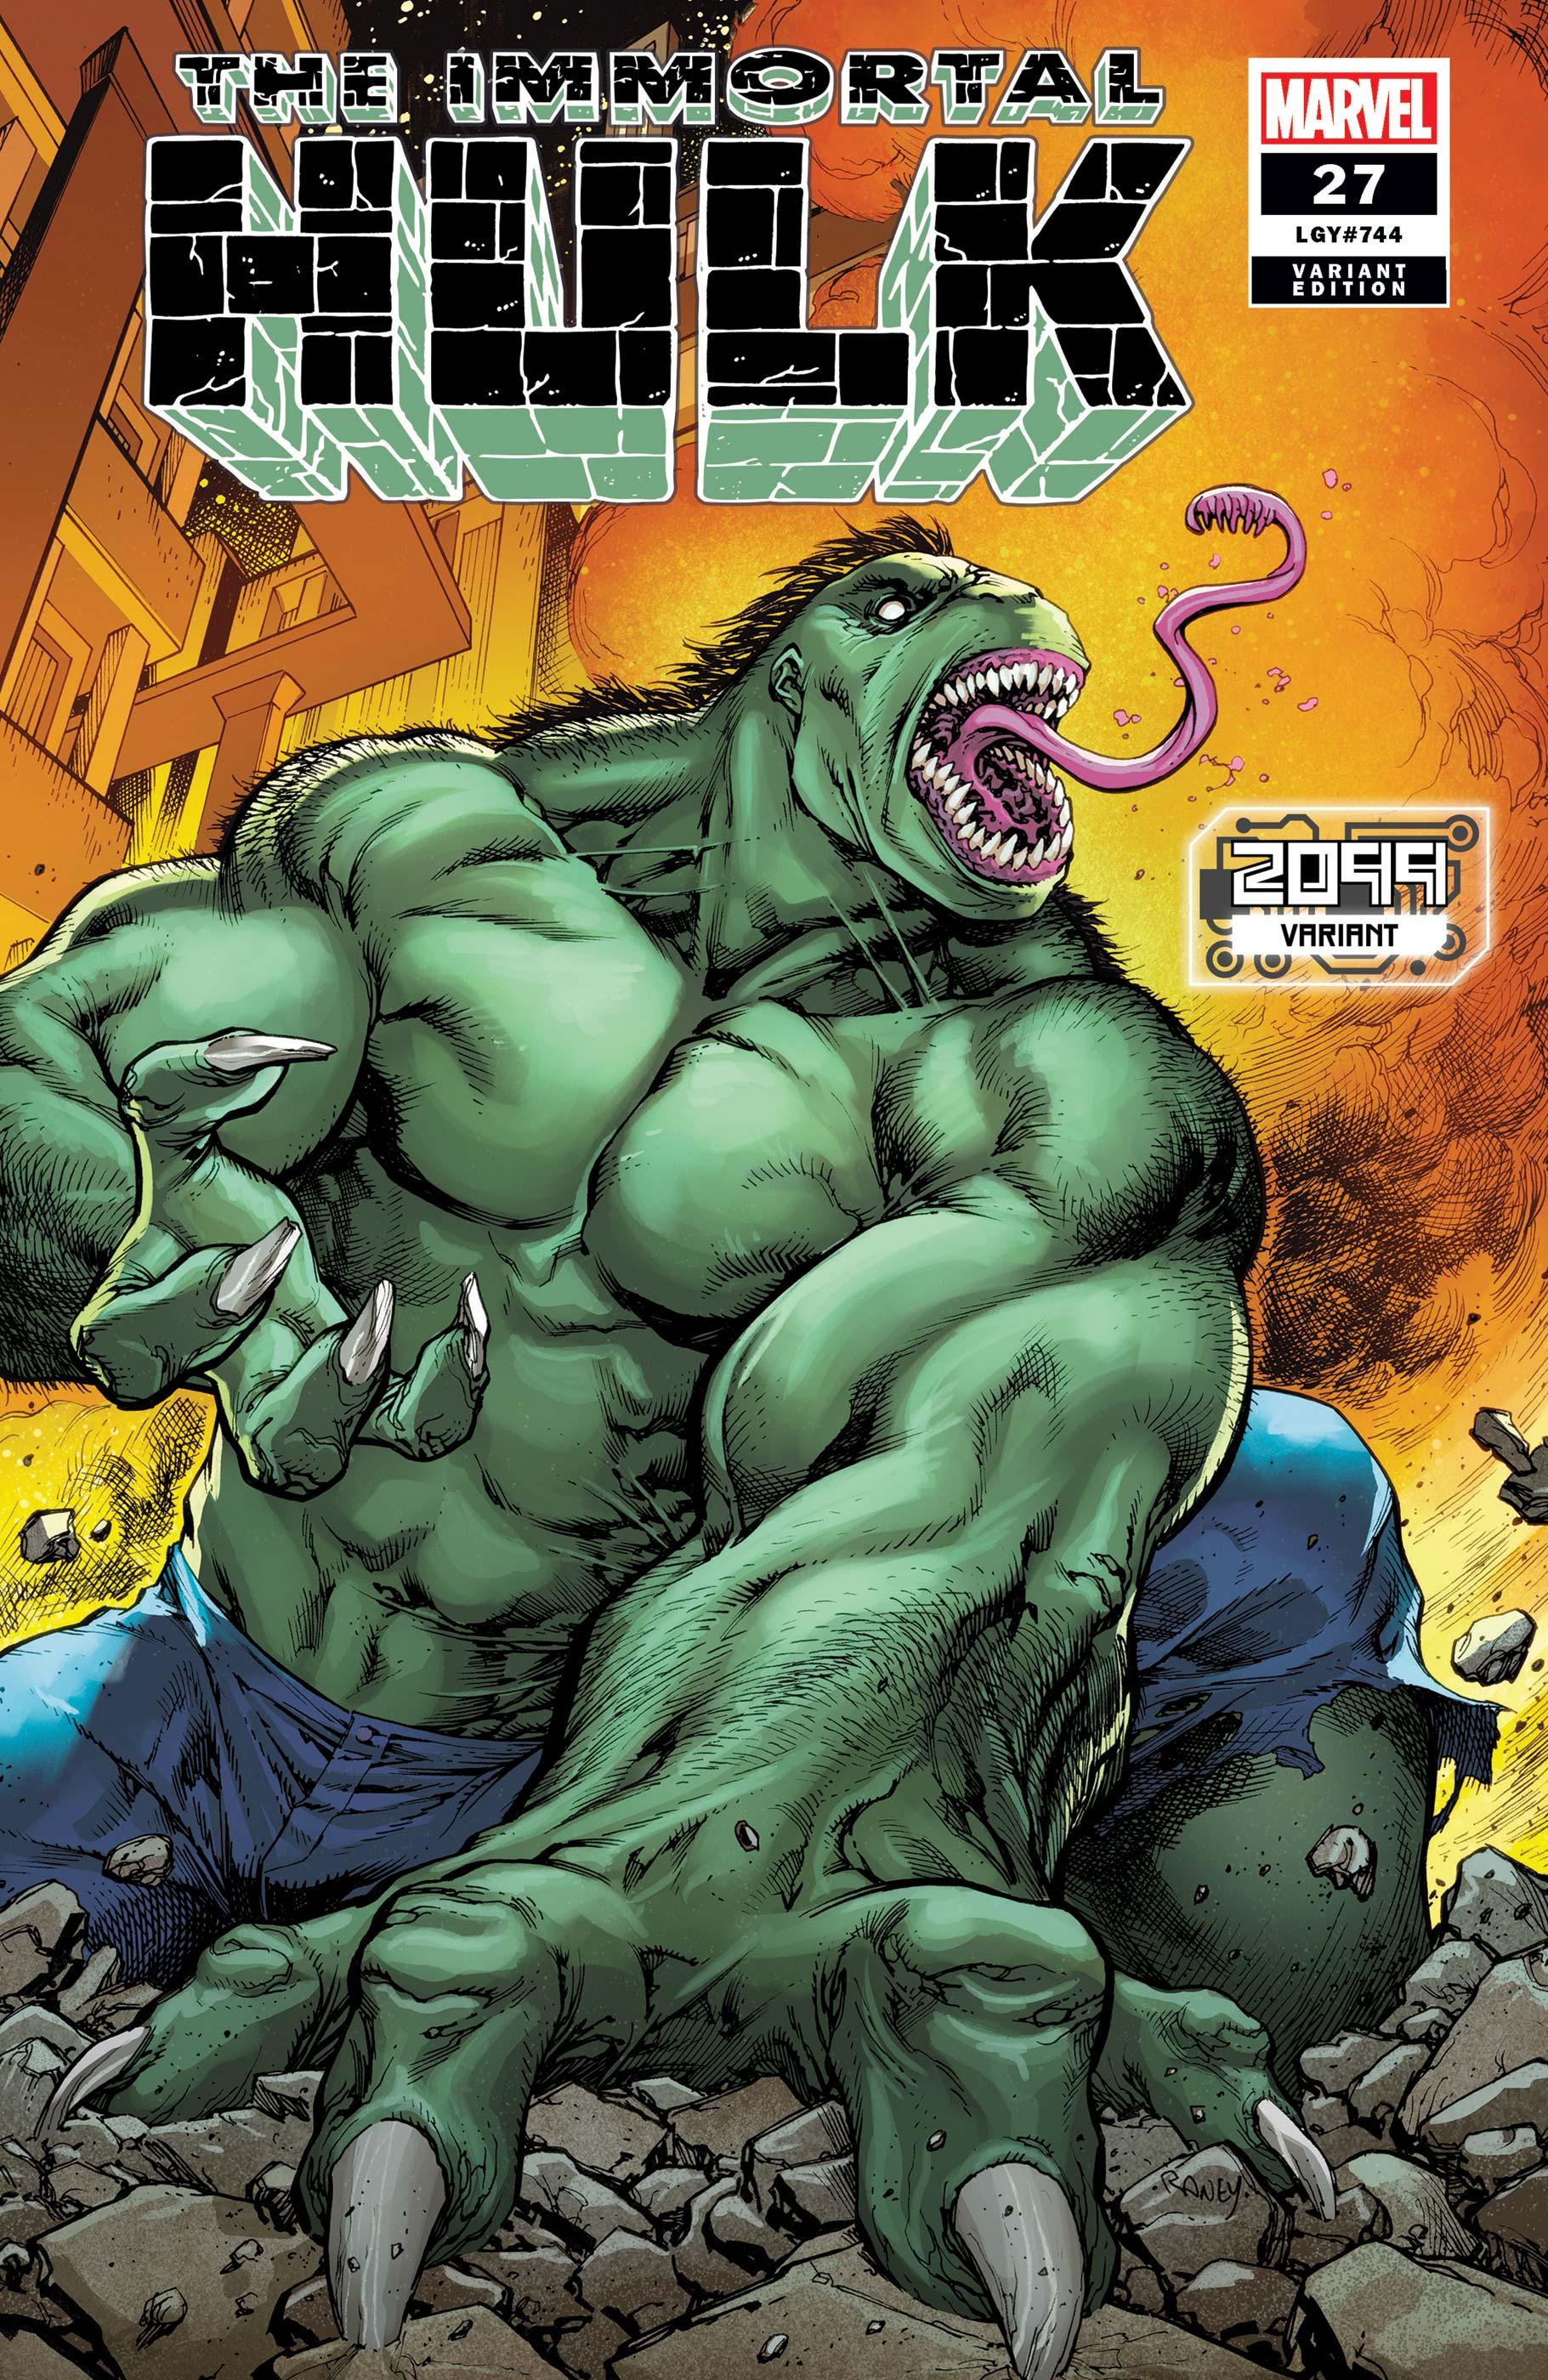 Immortal Hulk (2018) #27 (Variant)